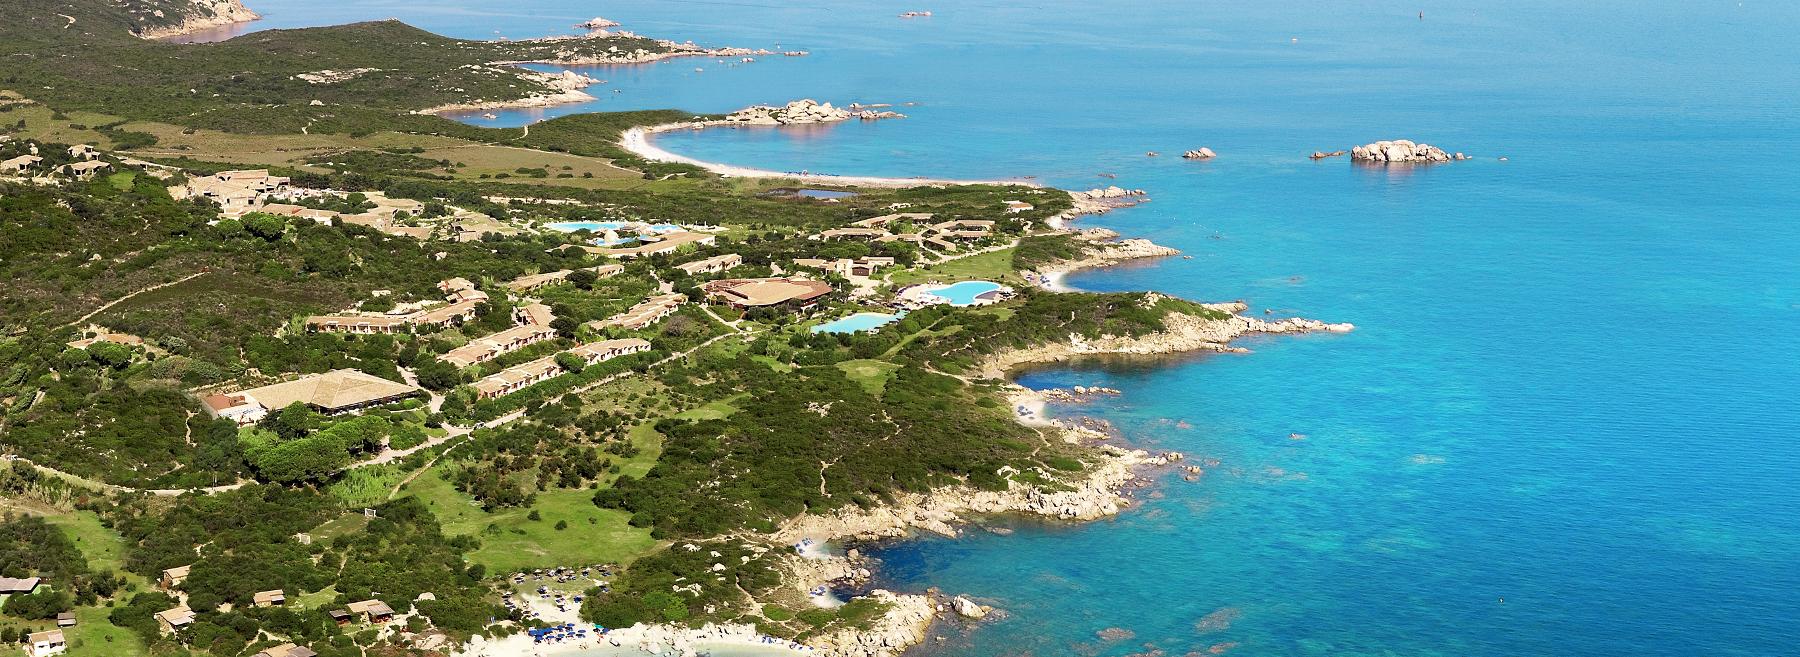 Delphina Tarifas Resort Valle dell'Erica 2017 S. Teresa di Gallura Cerdena - Italia